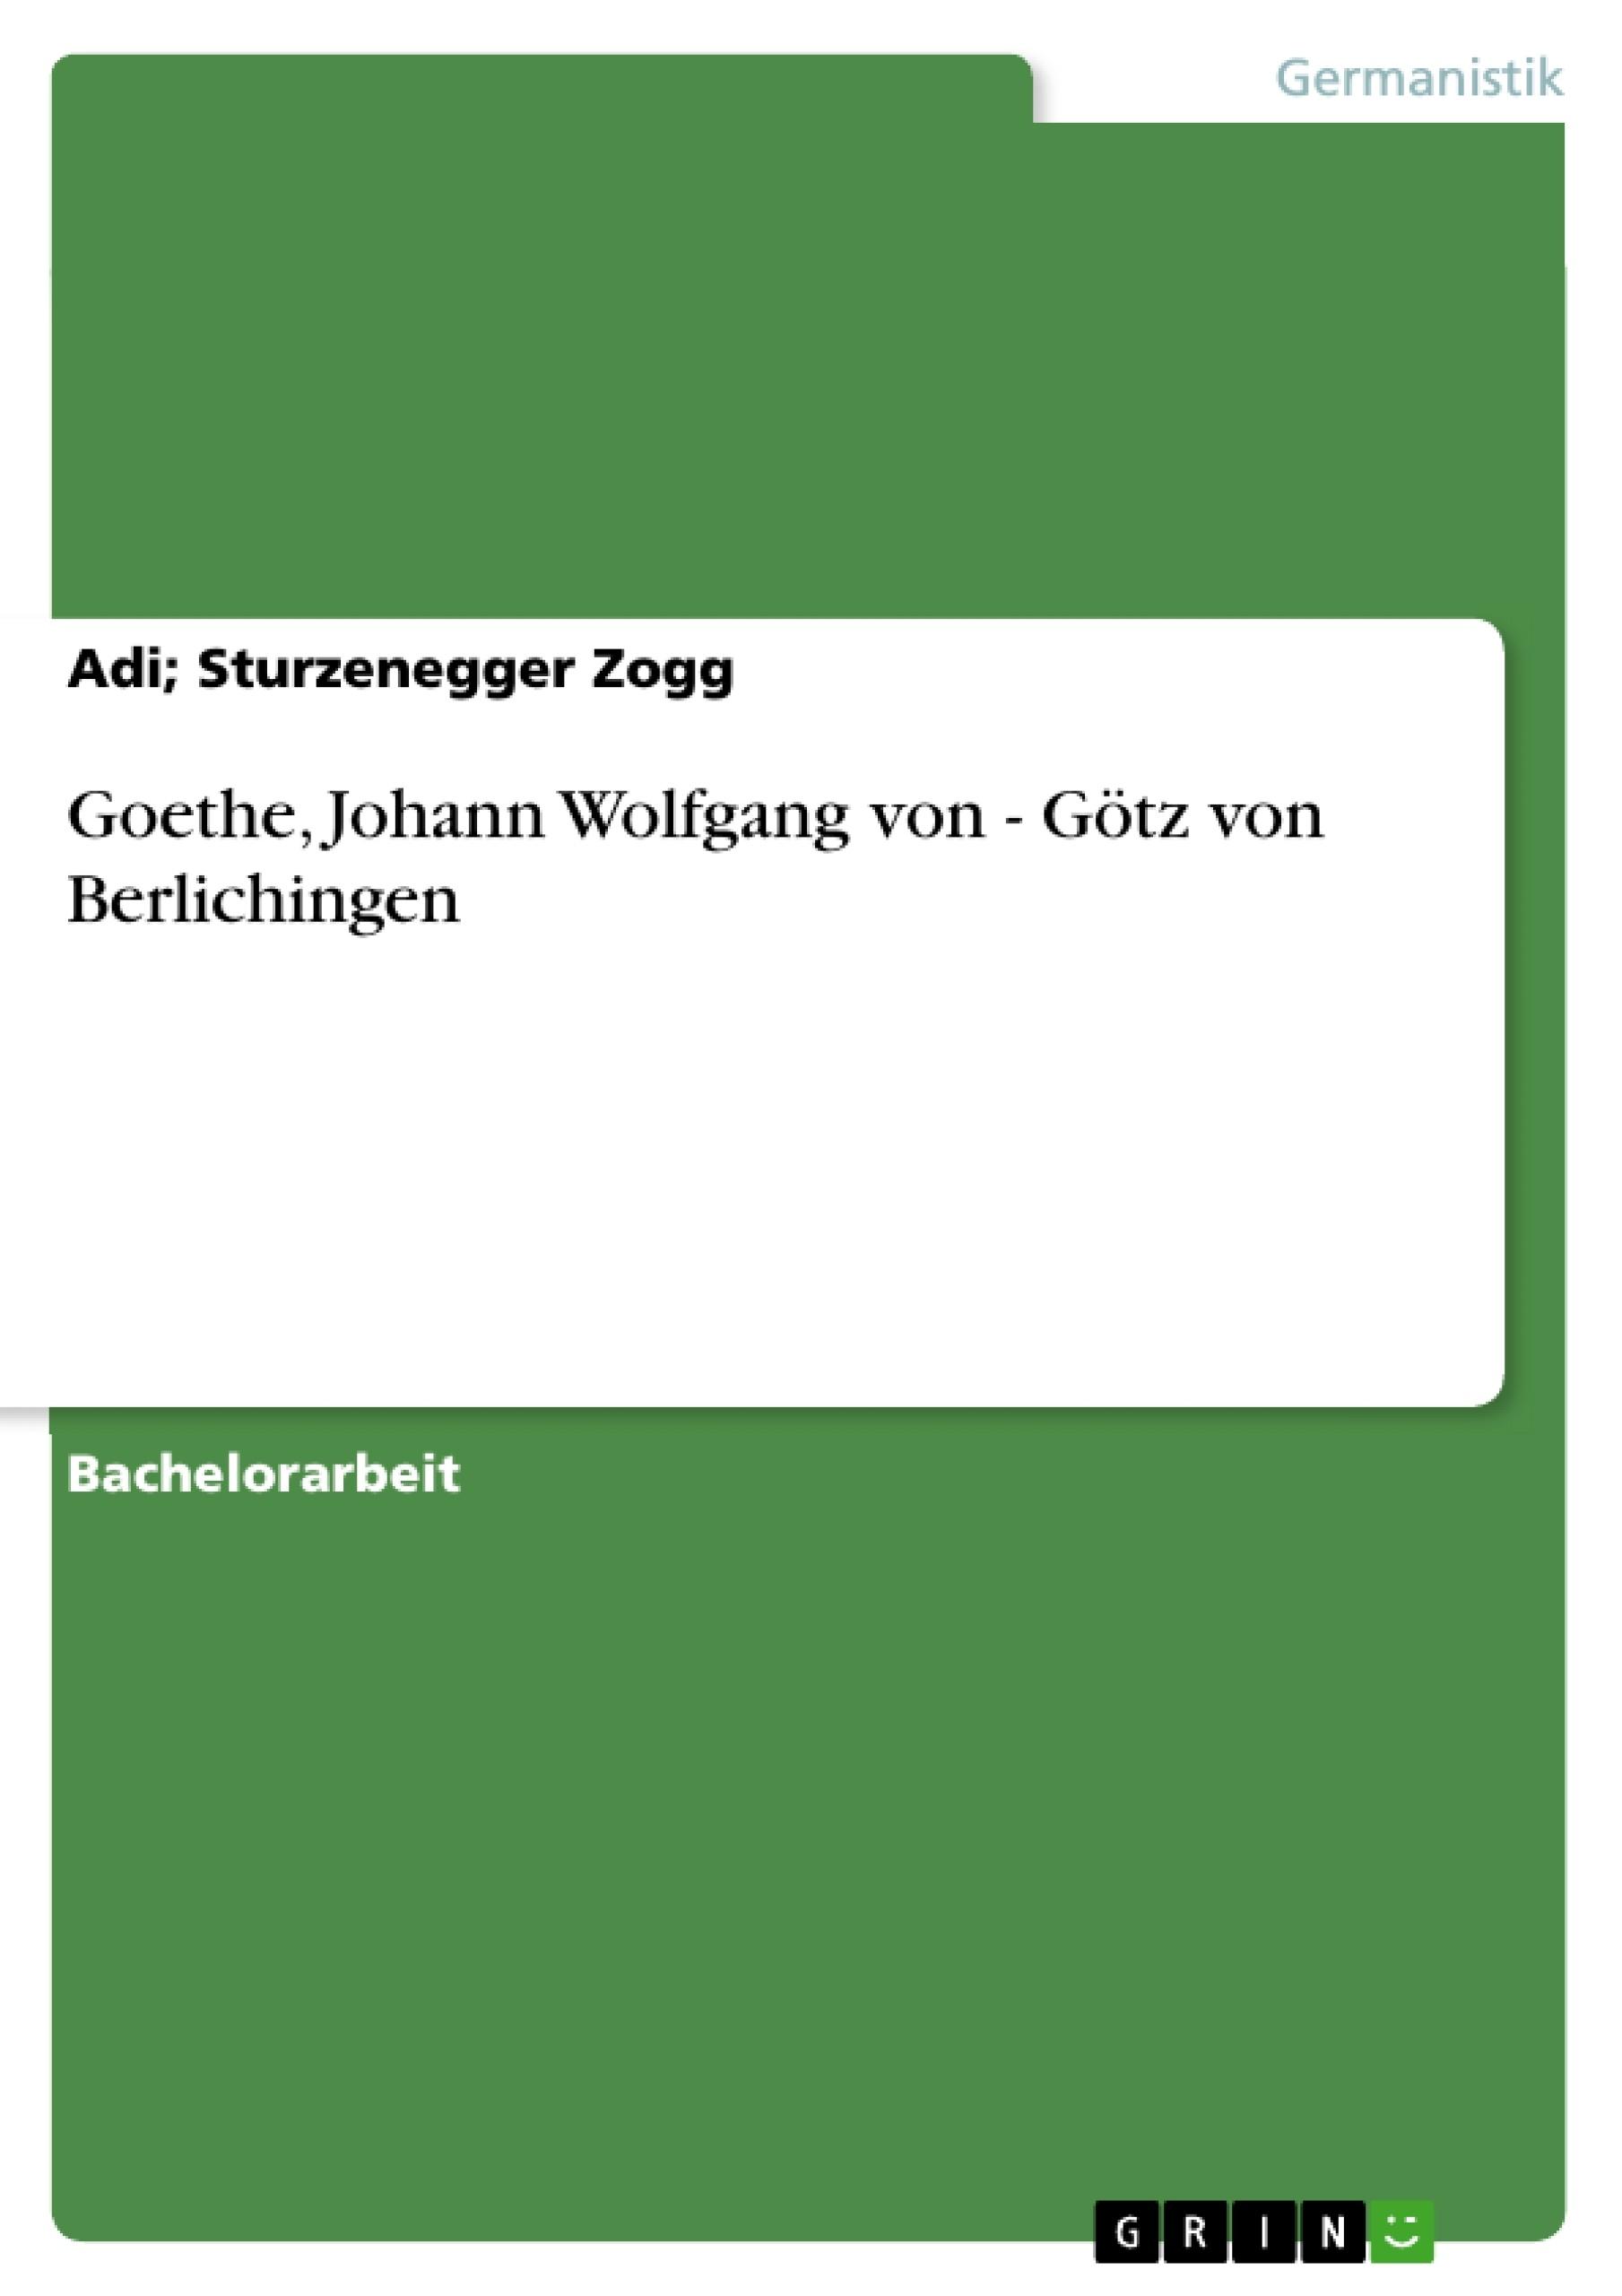 Titel: Goethe, Johann Wolfgang von - Götz von Berlichingen